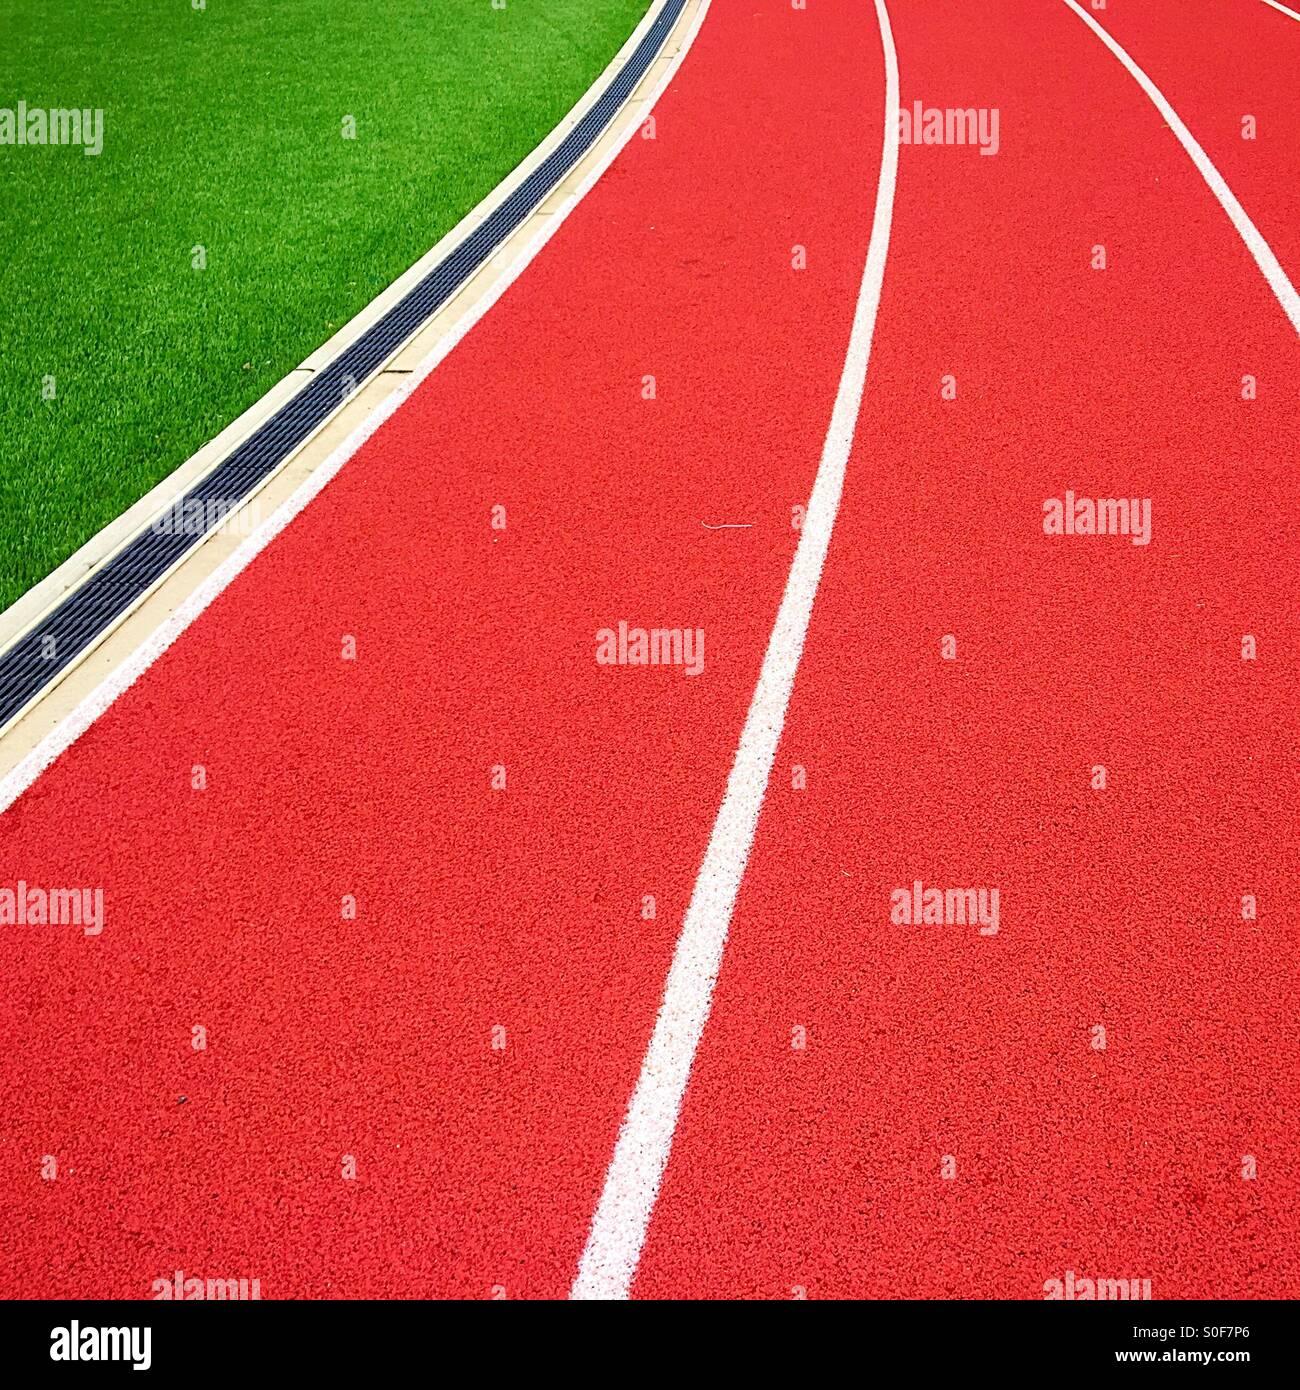 Grafischen Leichtathletik Stockbild